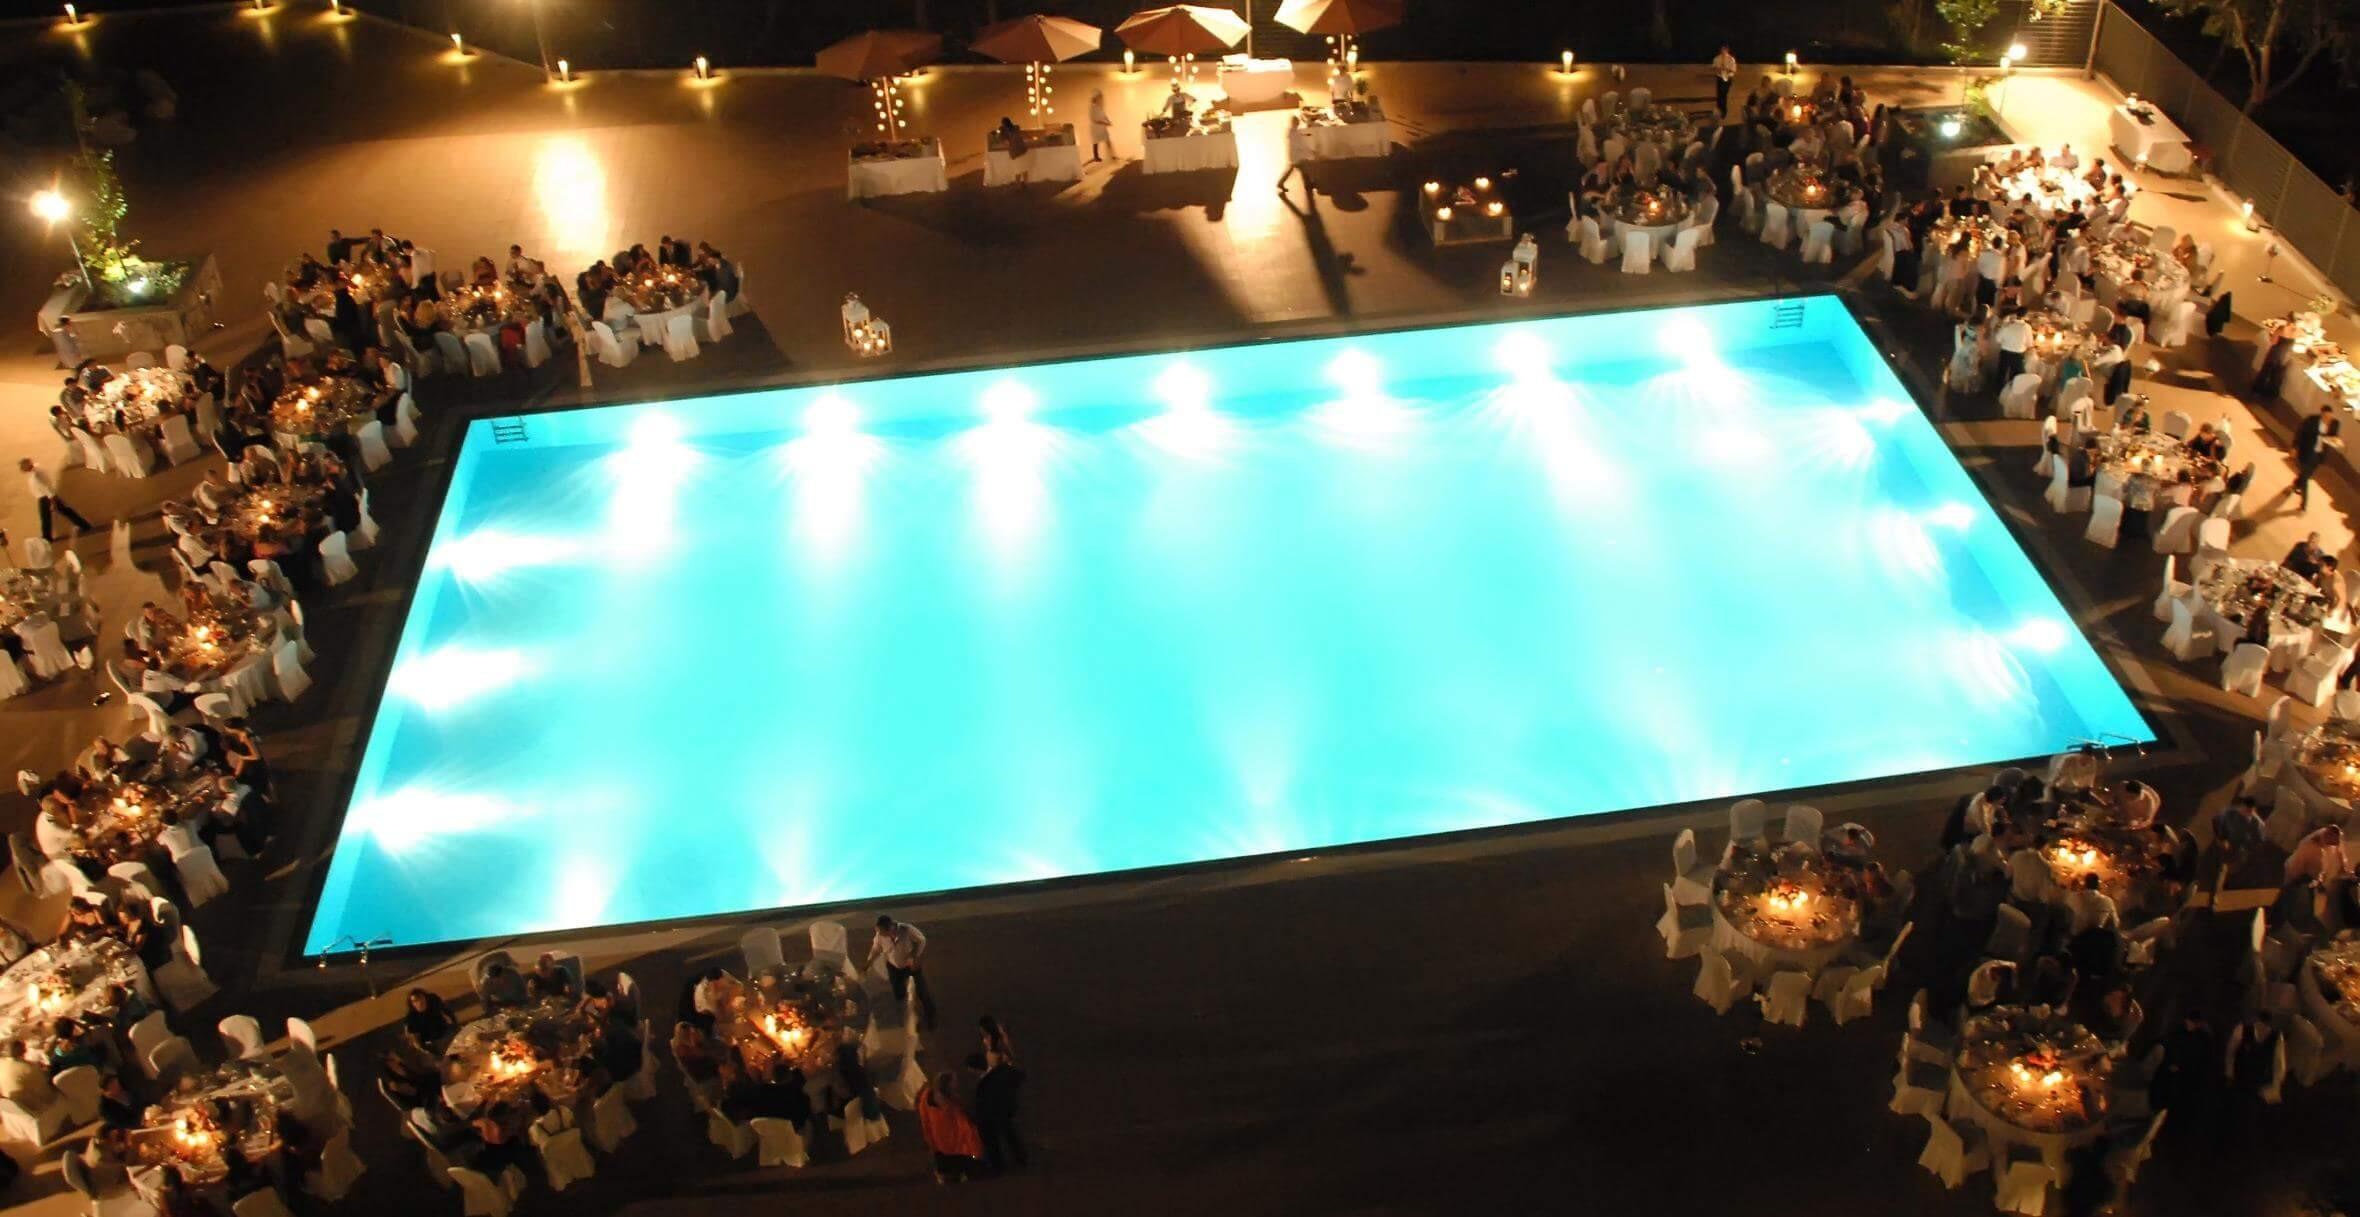 Lucy Beach Hotel 5* - басейн, вечер